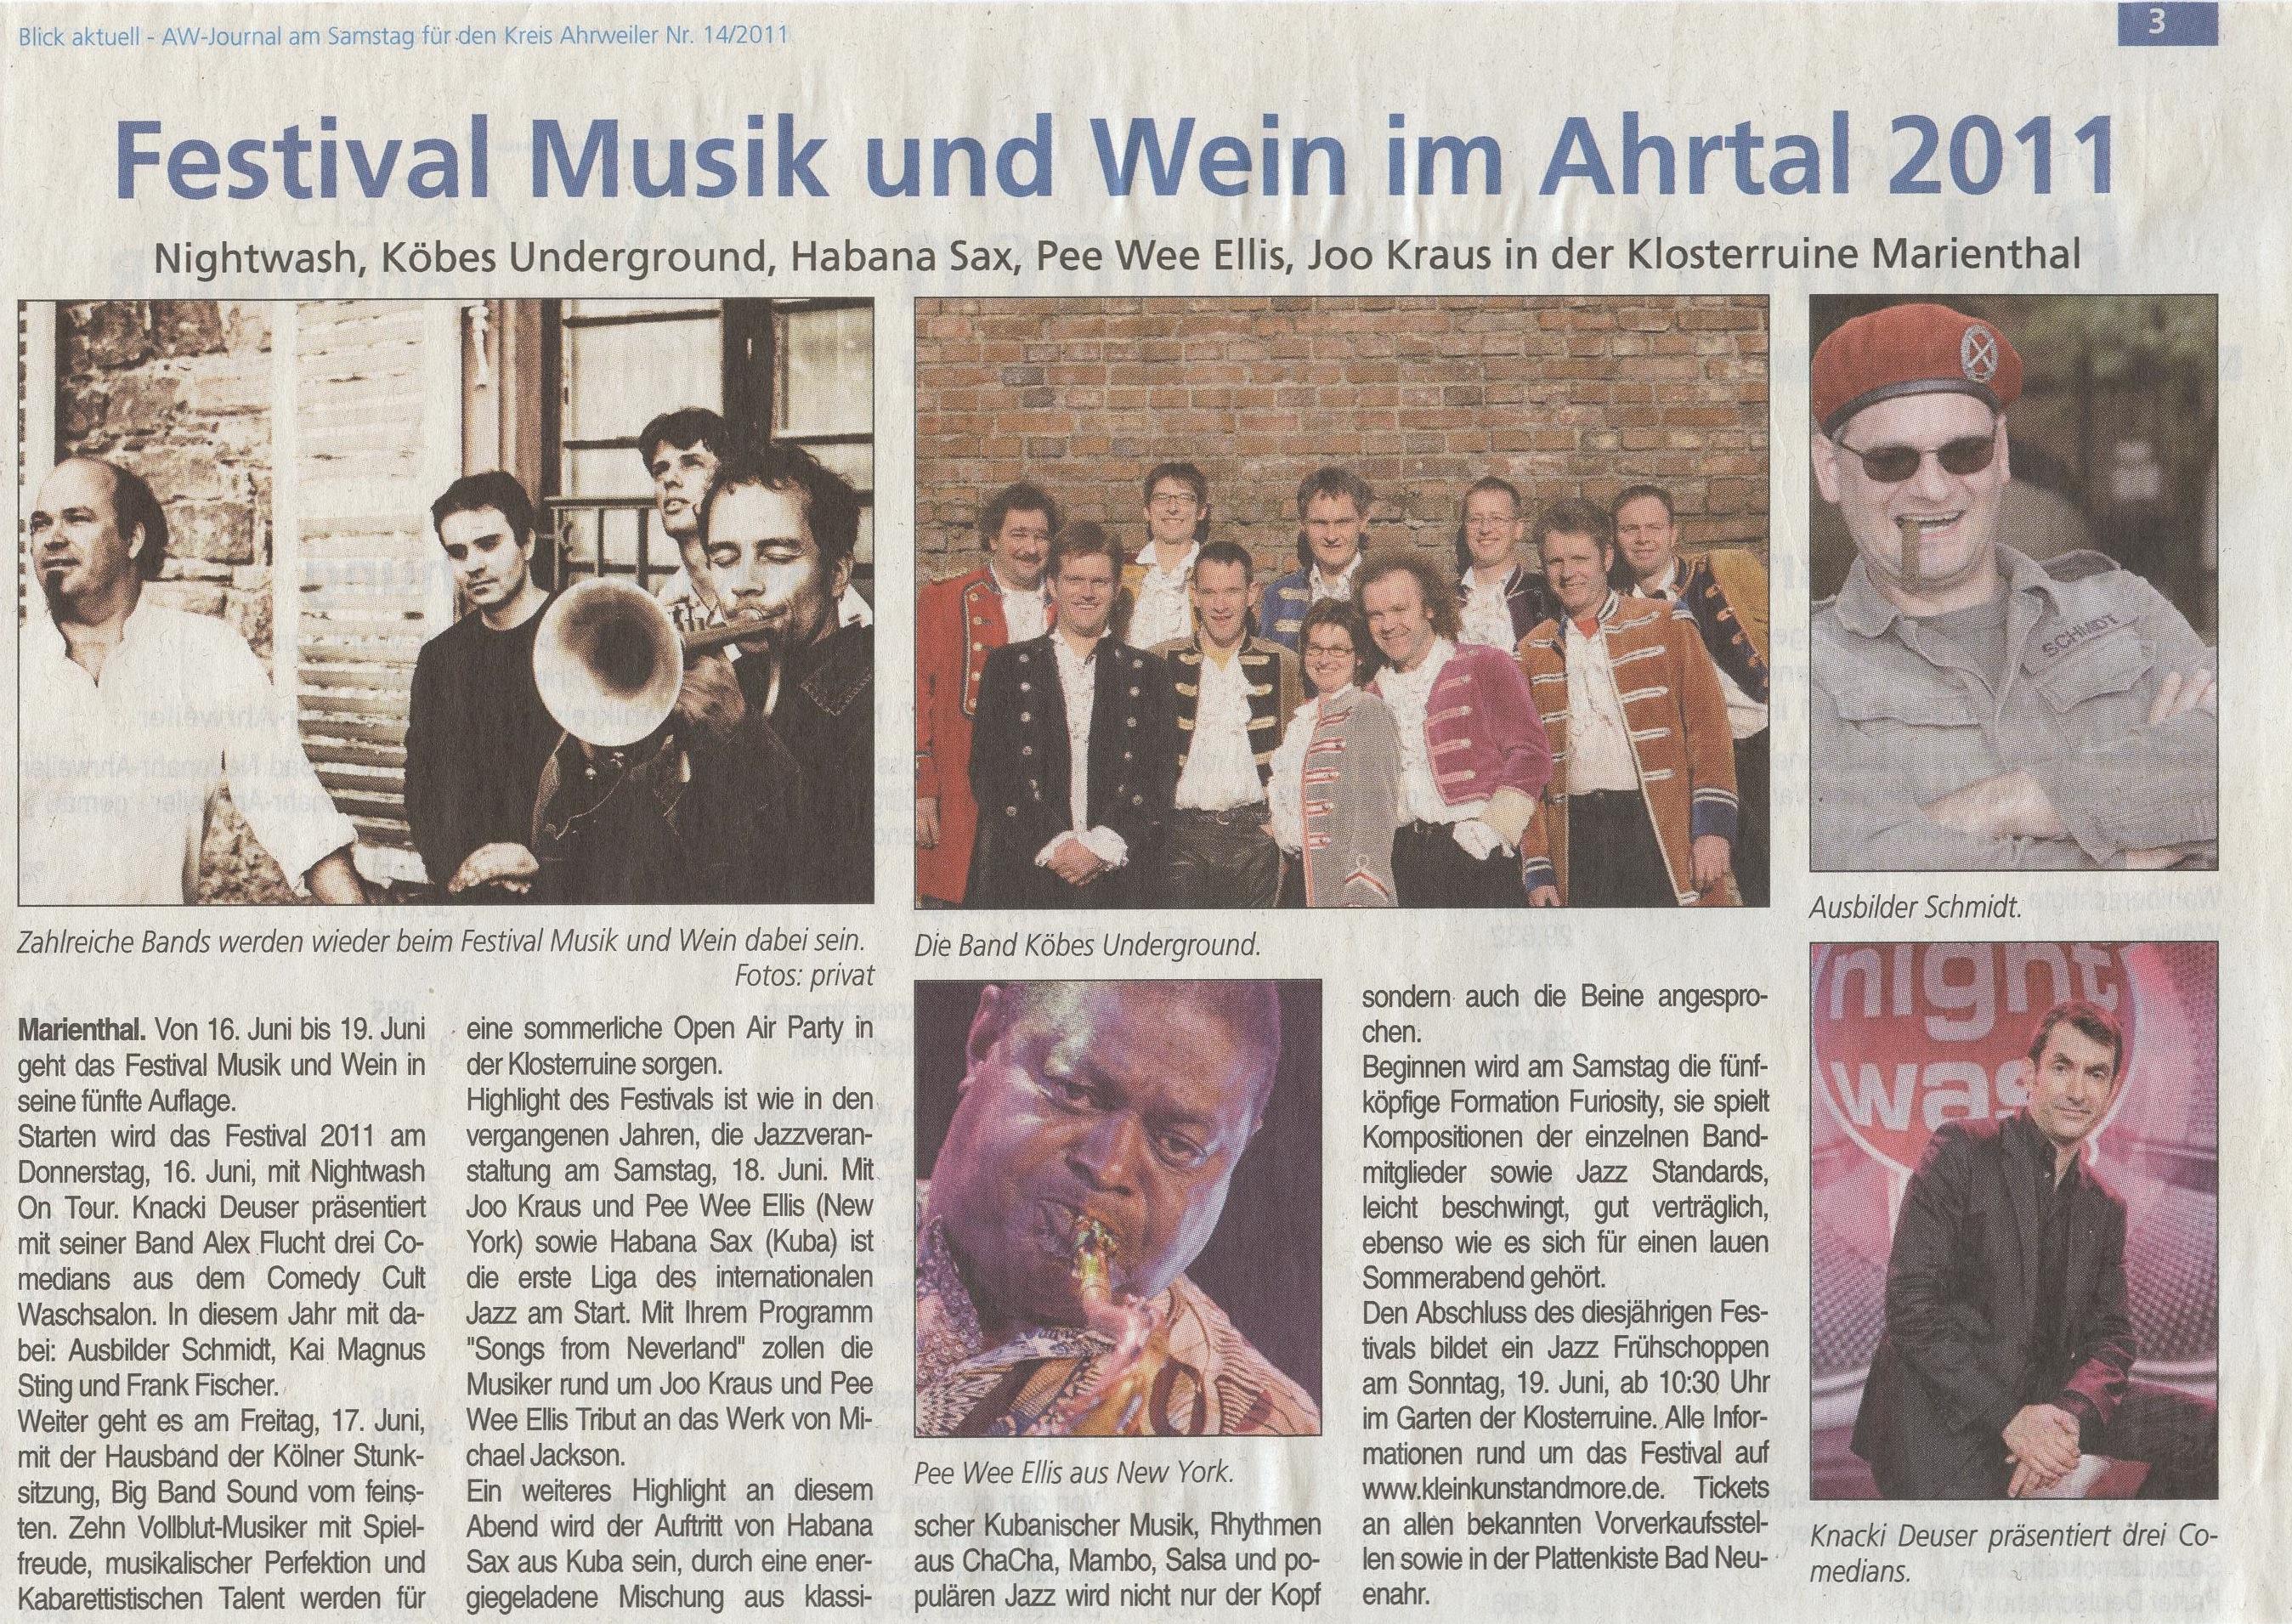 Festival Musik und Wein in der Klosterruine Marienthal 2011 Vorberichte